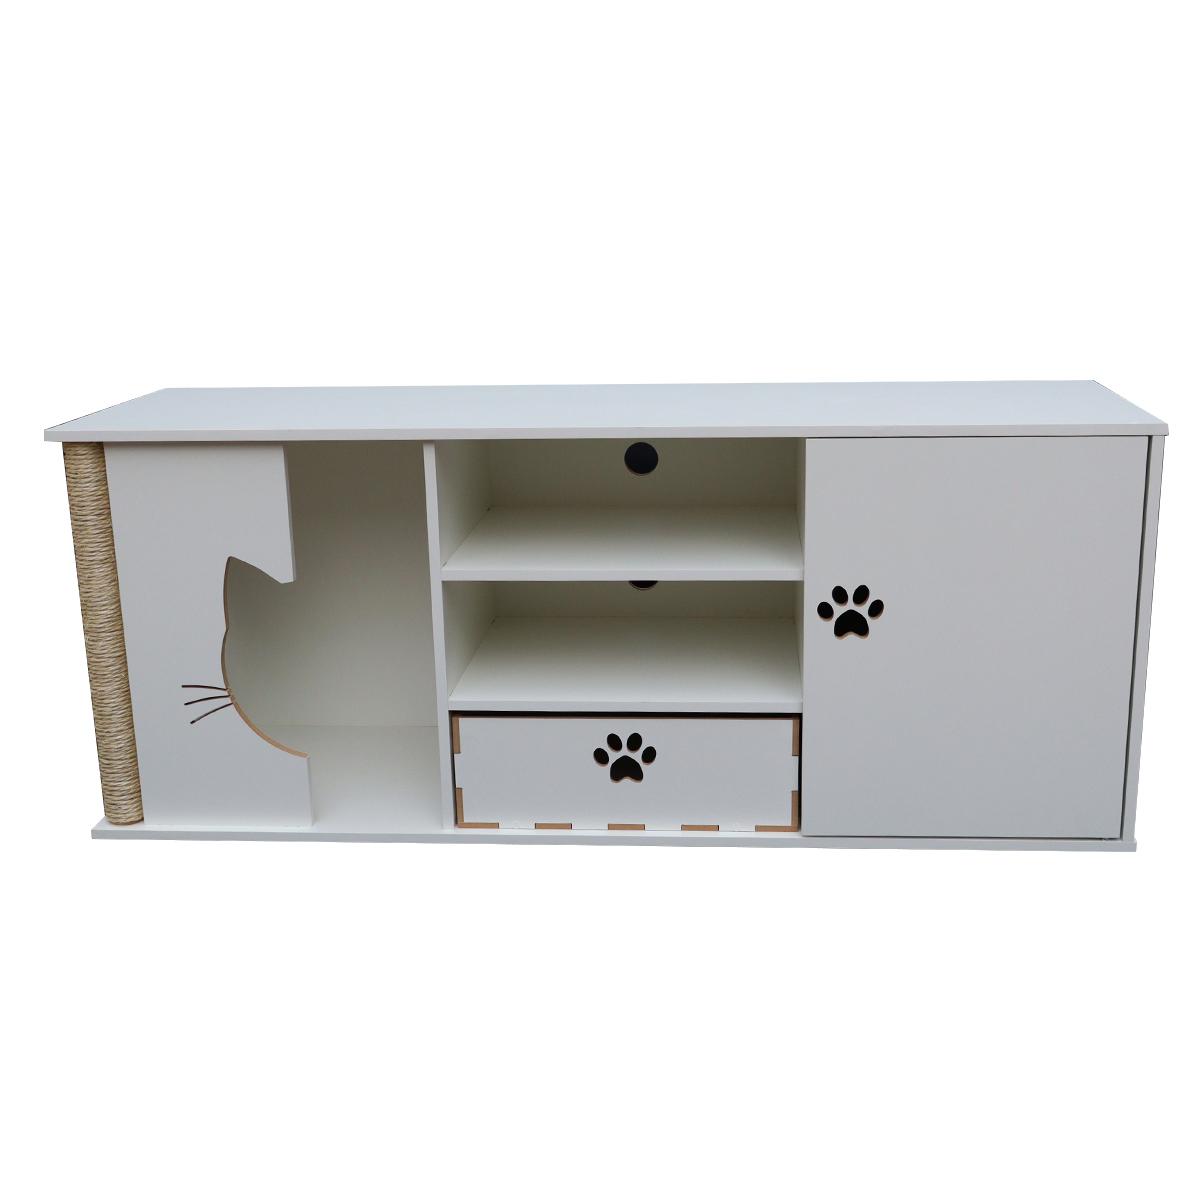 Rack para Tv Pet cama casa gato arranhador nicho - Garfield